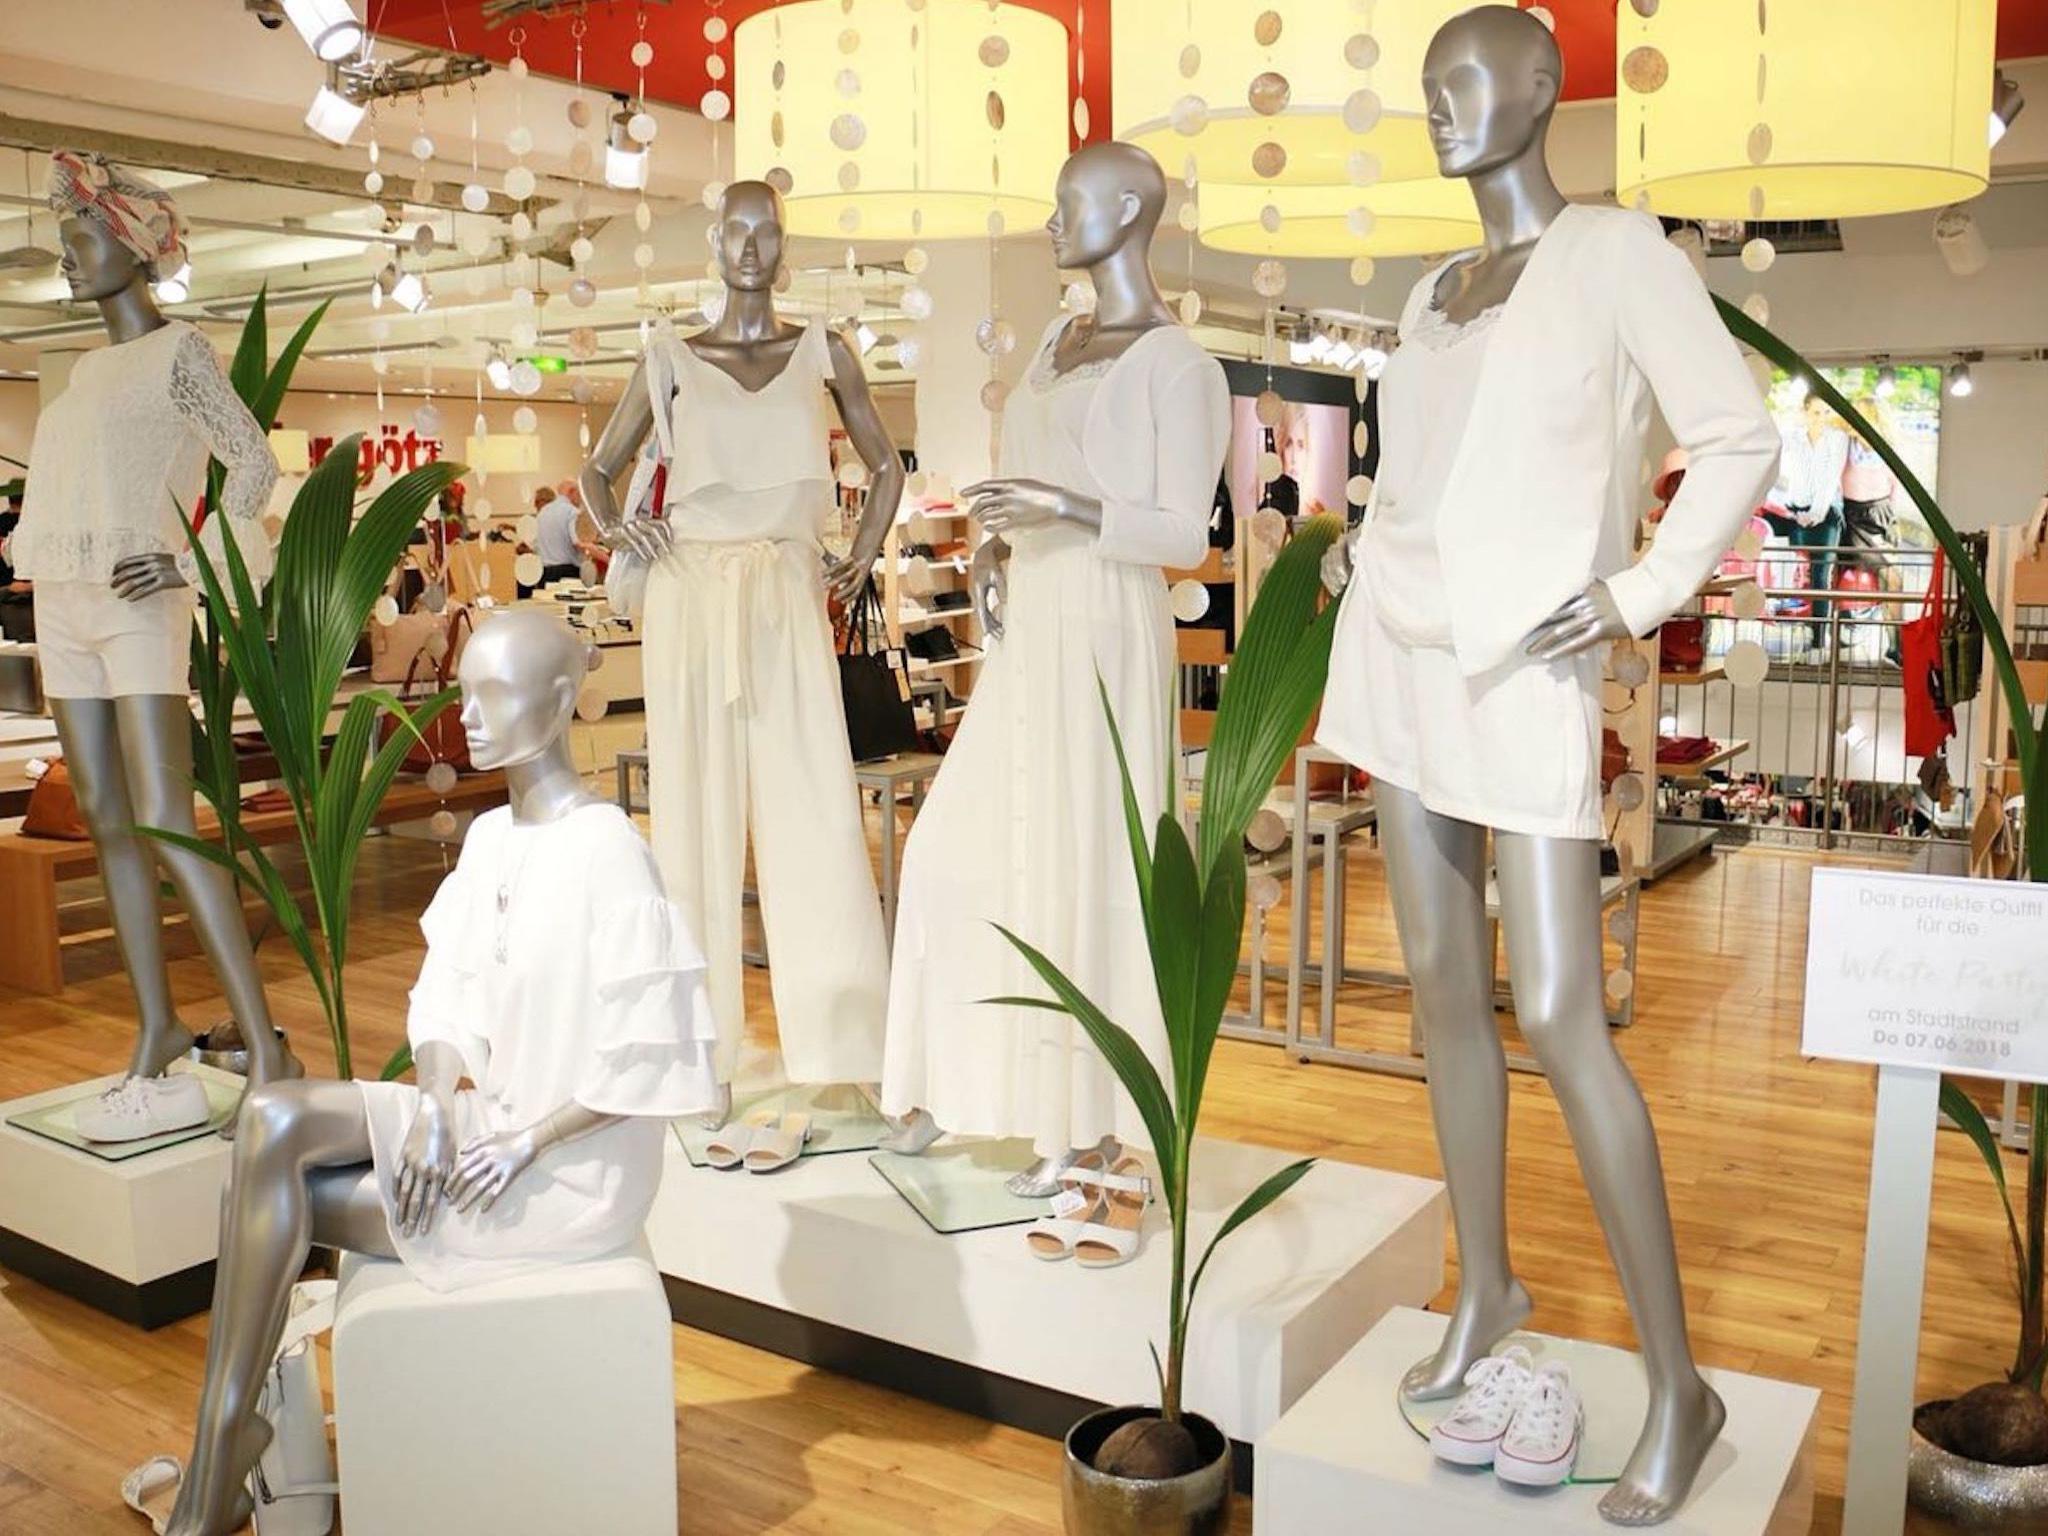 Große Auswahl an weißen Outfits im Modehaus Gebrüder Götz. Foto: Modehaus Gebrüder Götz